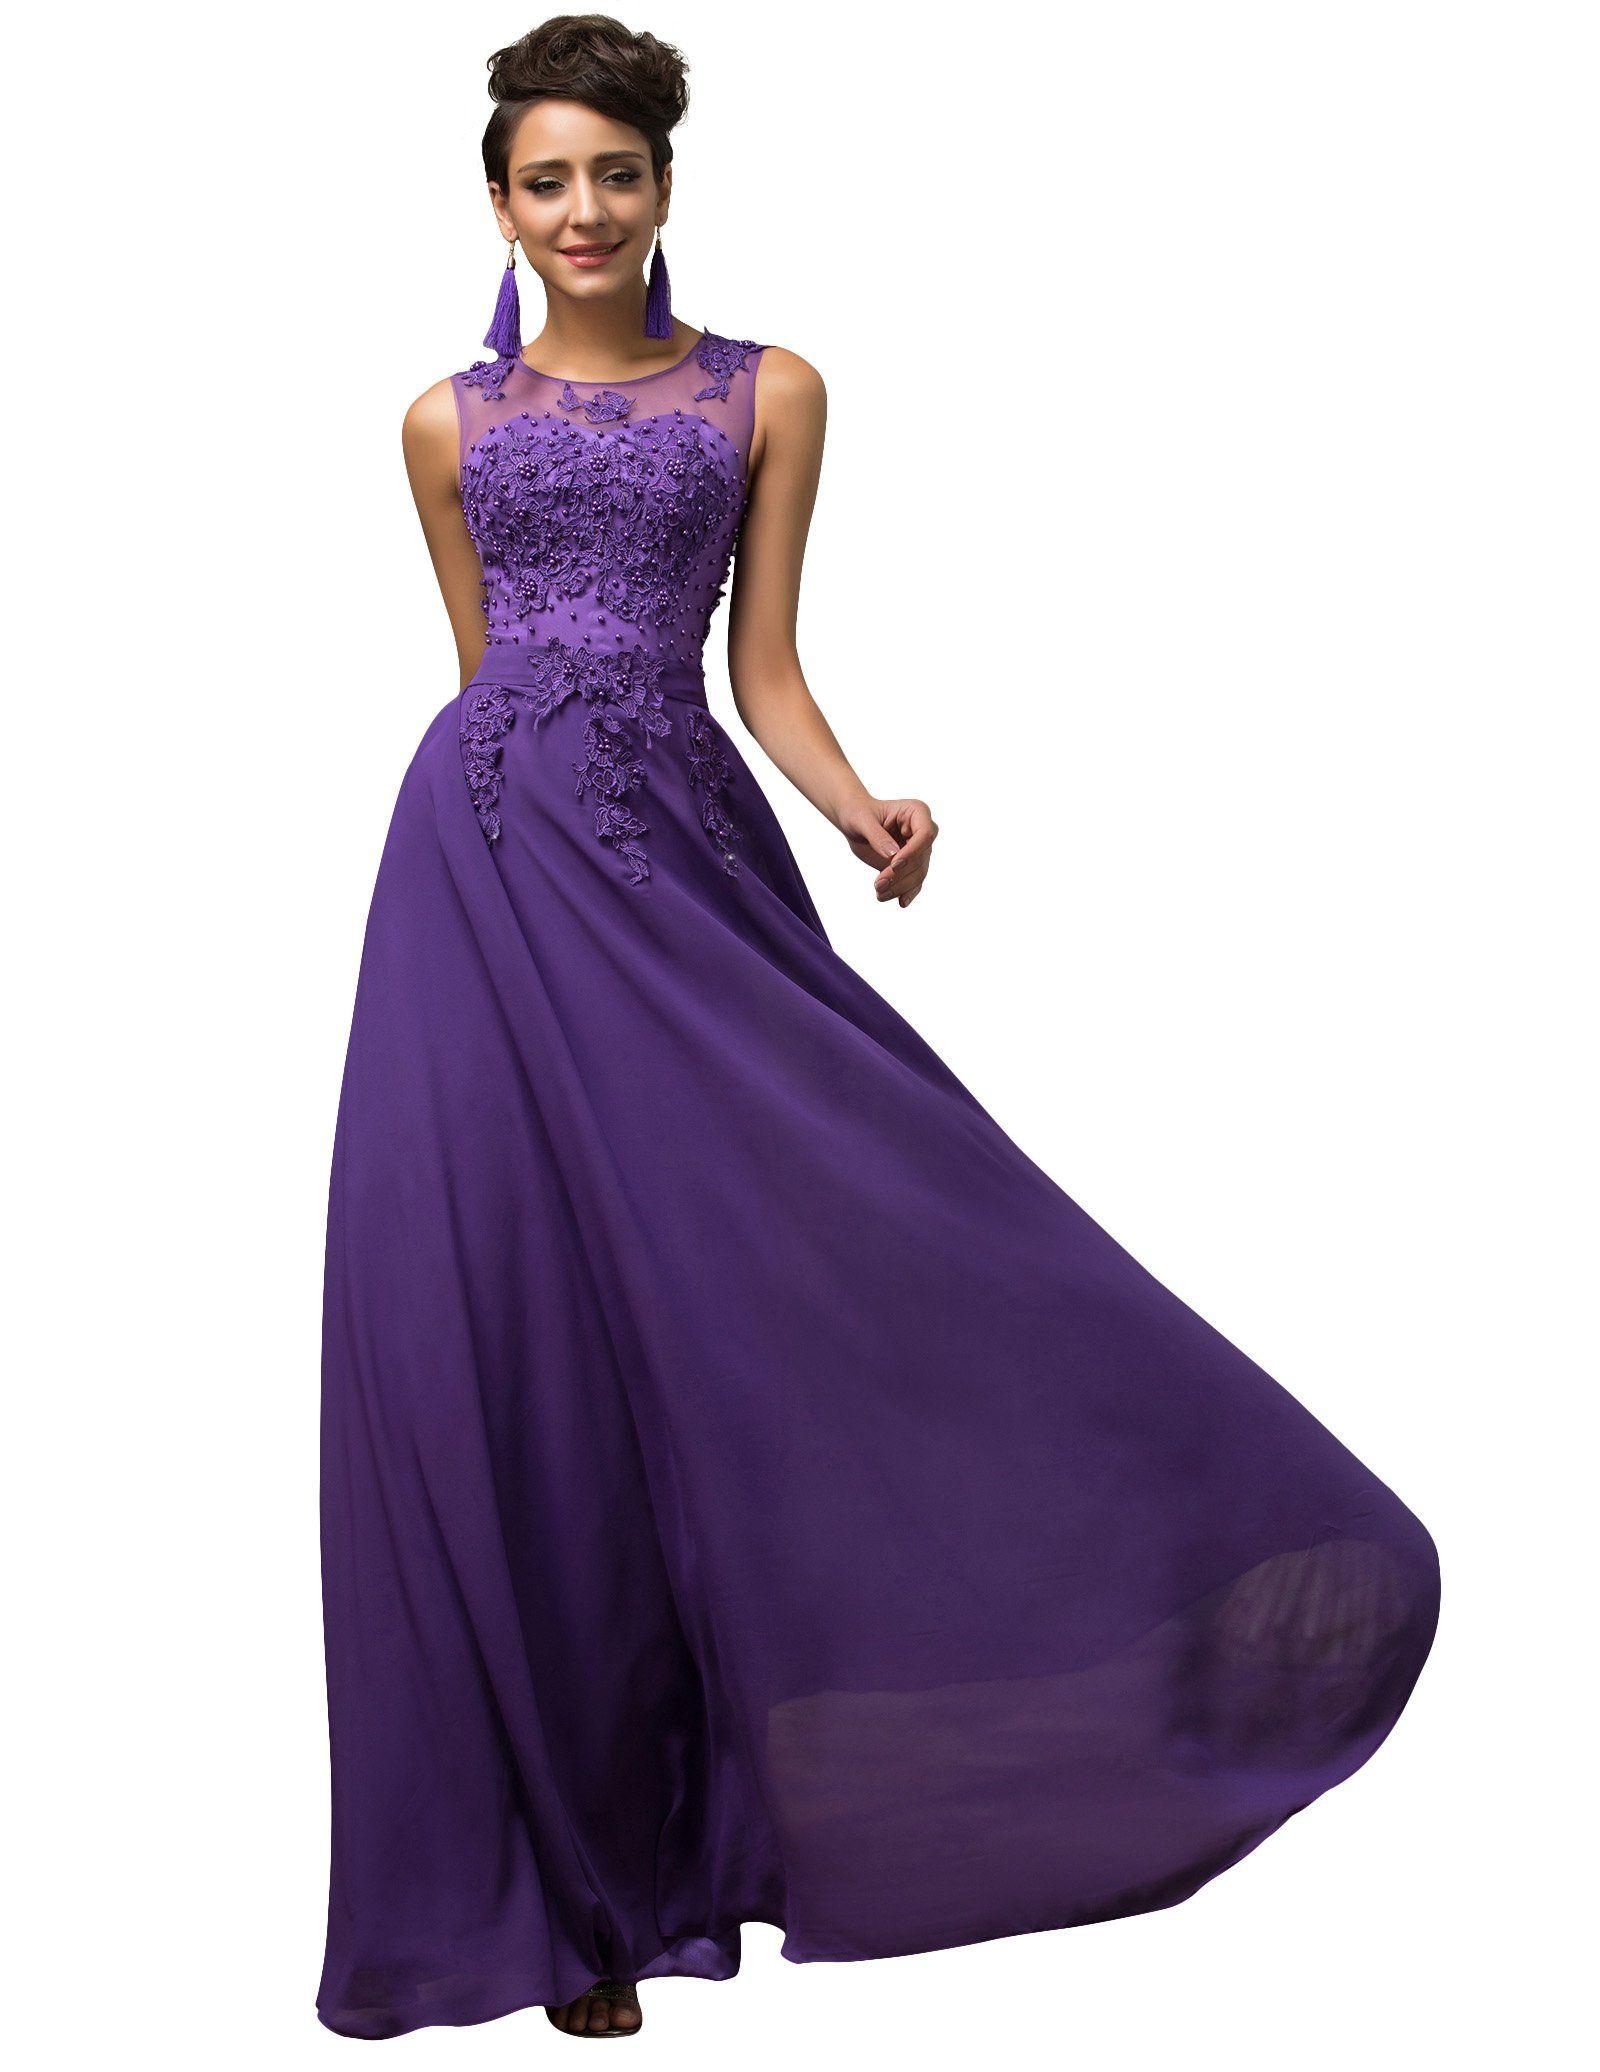 Lea Rosa Damen Abendkleid Königin der Nacht: Amazon.de: Bekleidung ...